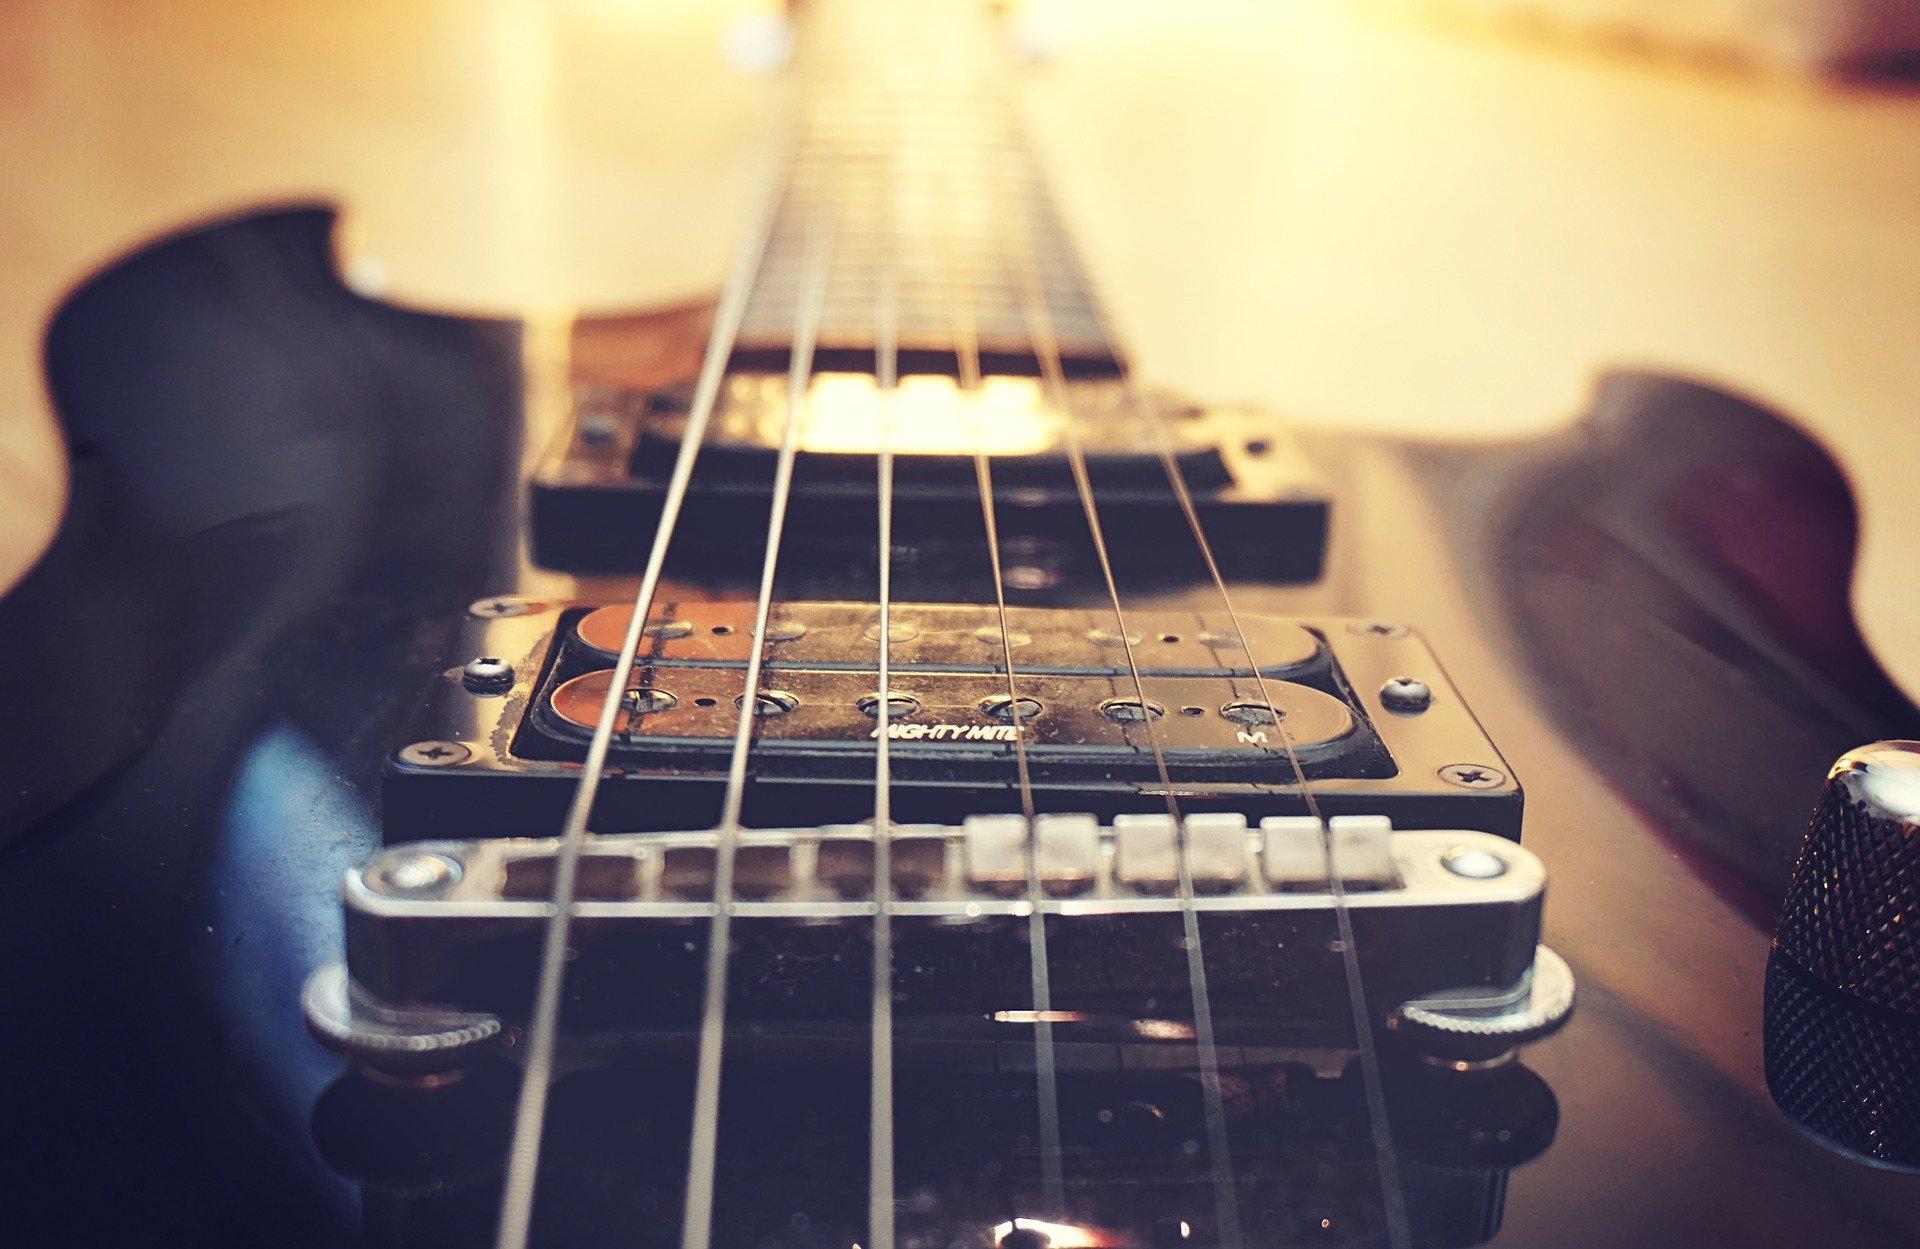 Guitar bridge and pickups